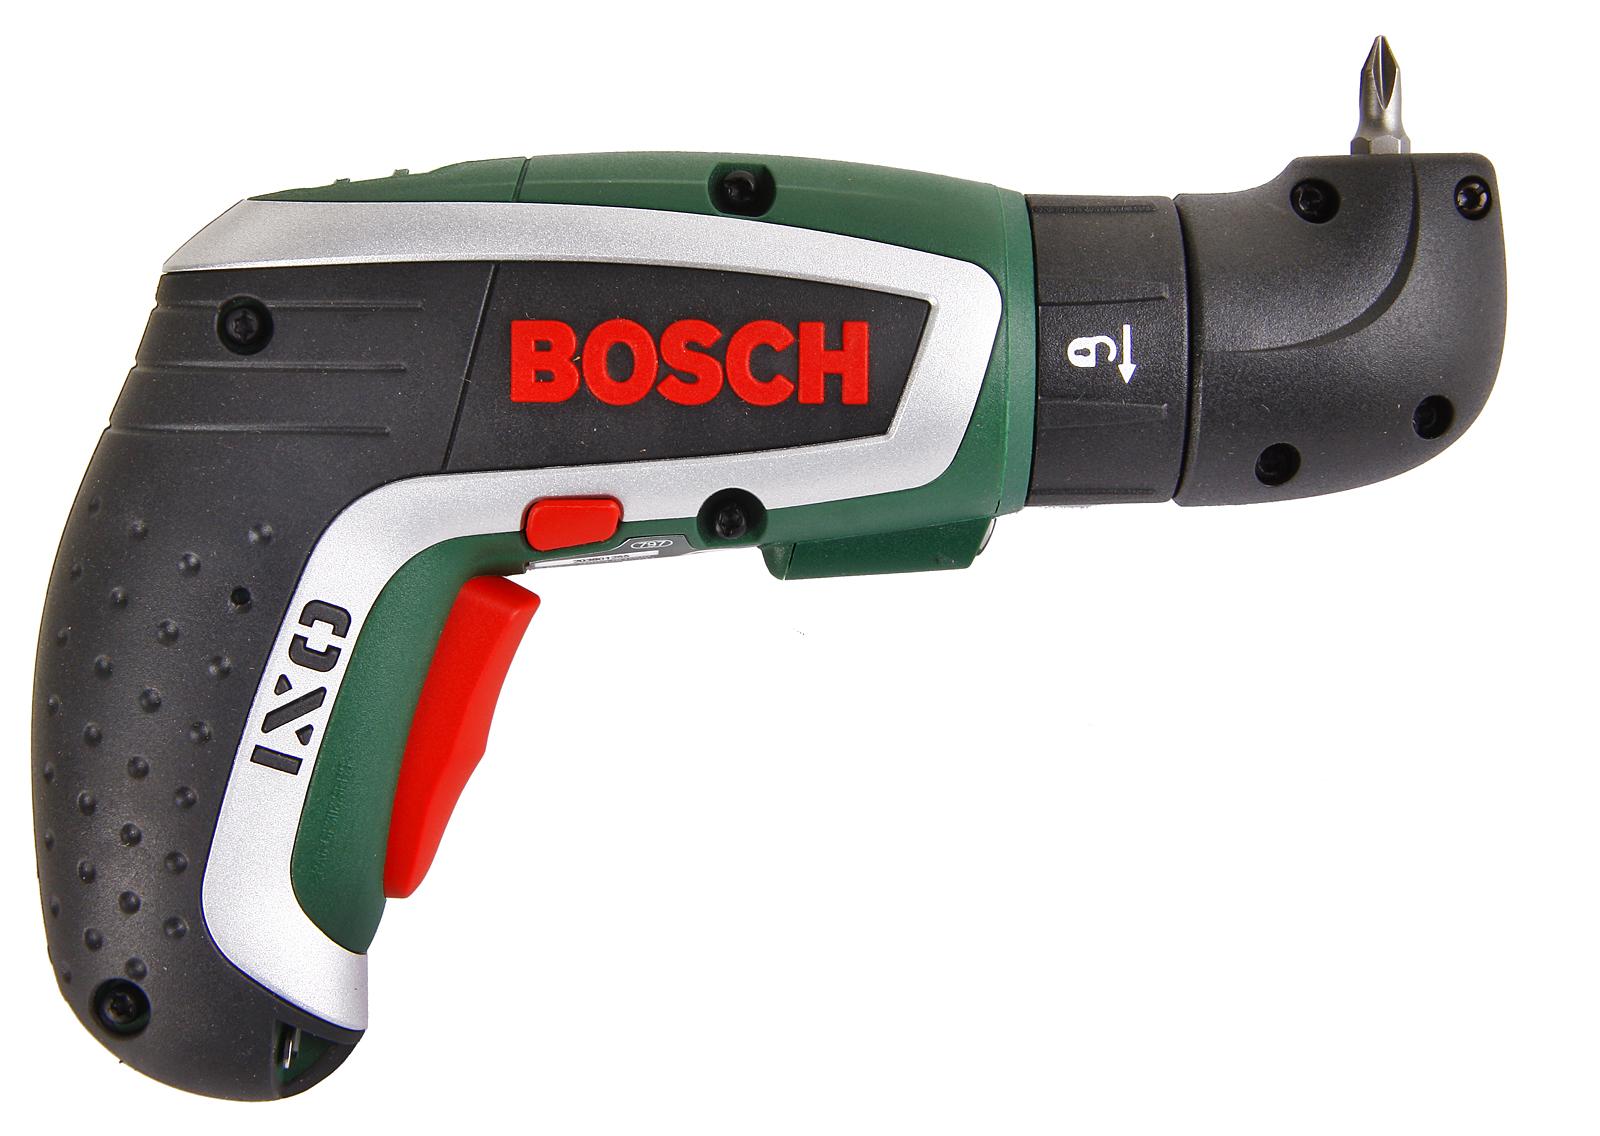 Отвертка аккумуляторная Bosch Ixo iv medium upgrade (0.603.981.021)